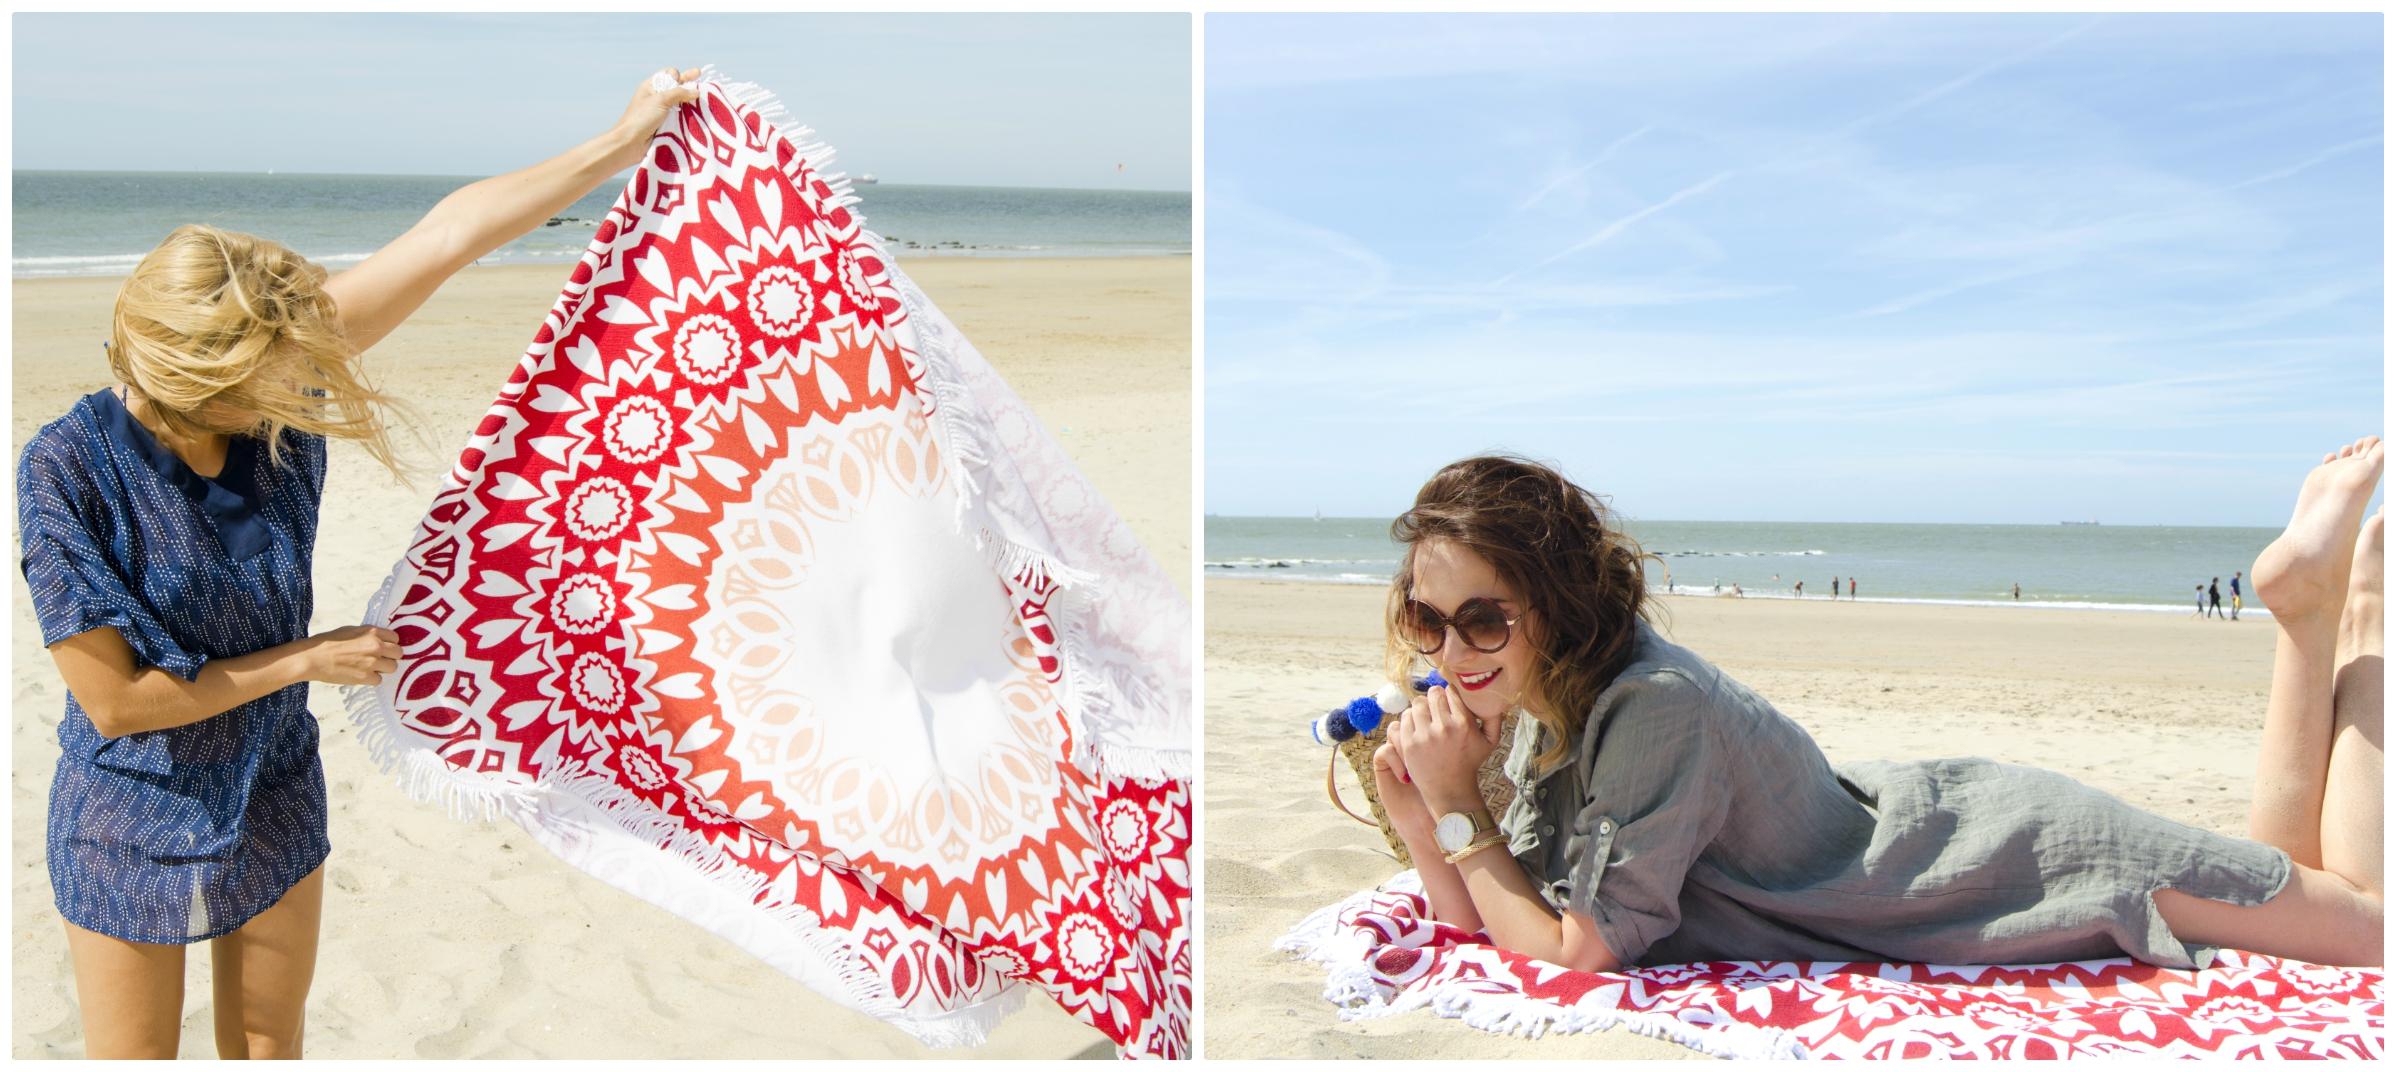 095f4177185dc0 ... zeg hallo tegen dé must-have van deze zomer  de ronde handdoek. Ze zijn  net zo hip als ze klinken. Zonnen breng je met deze ronde XL handdoek naar  een ...